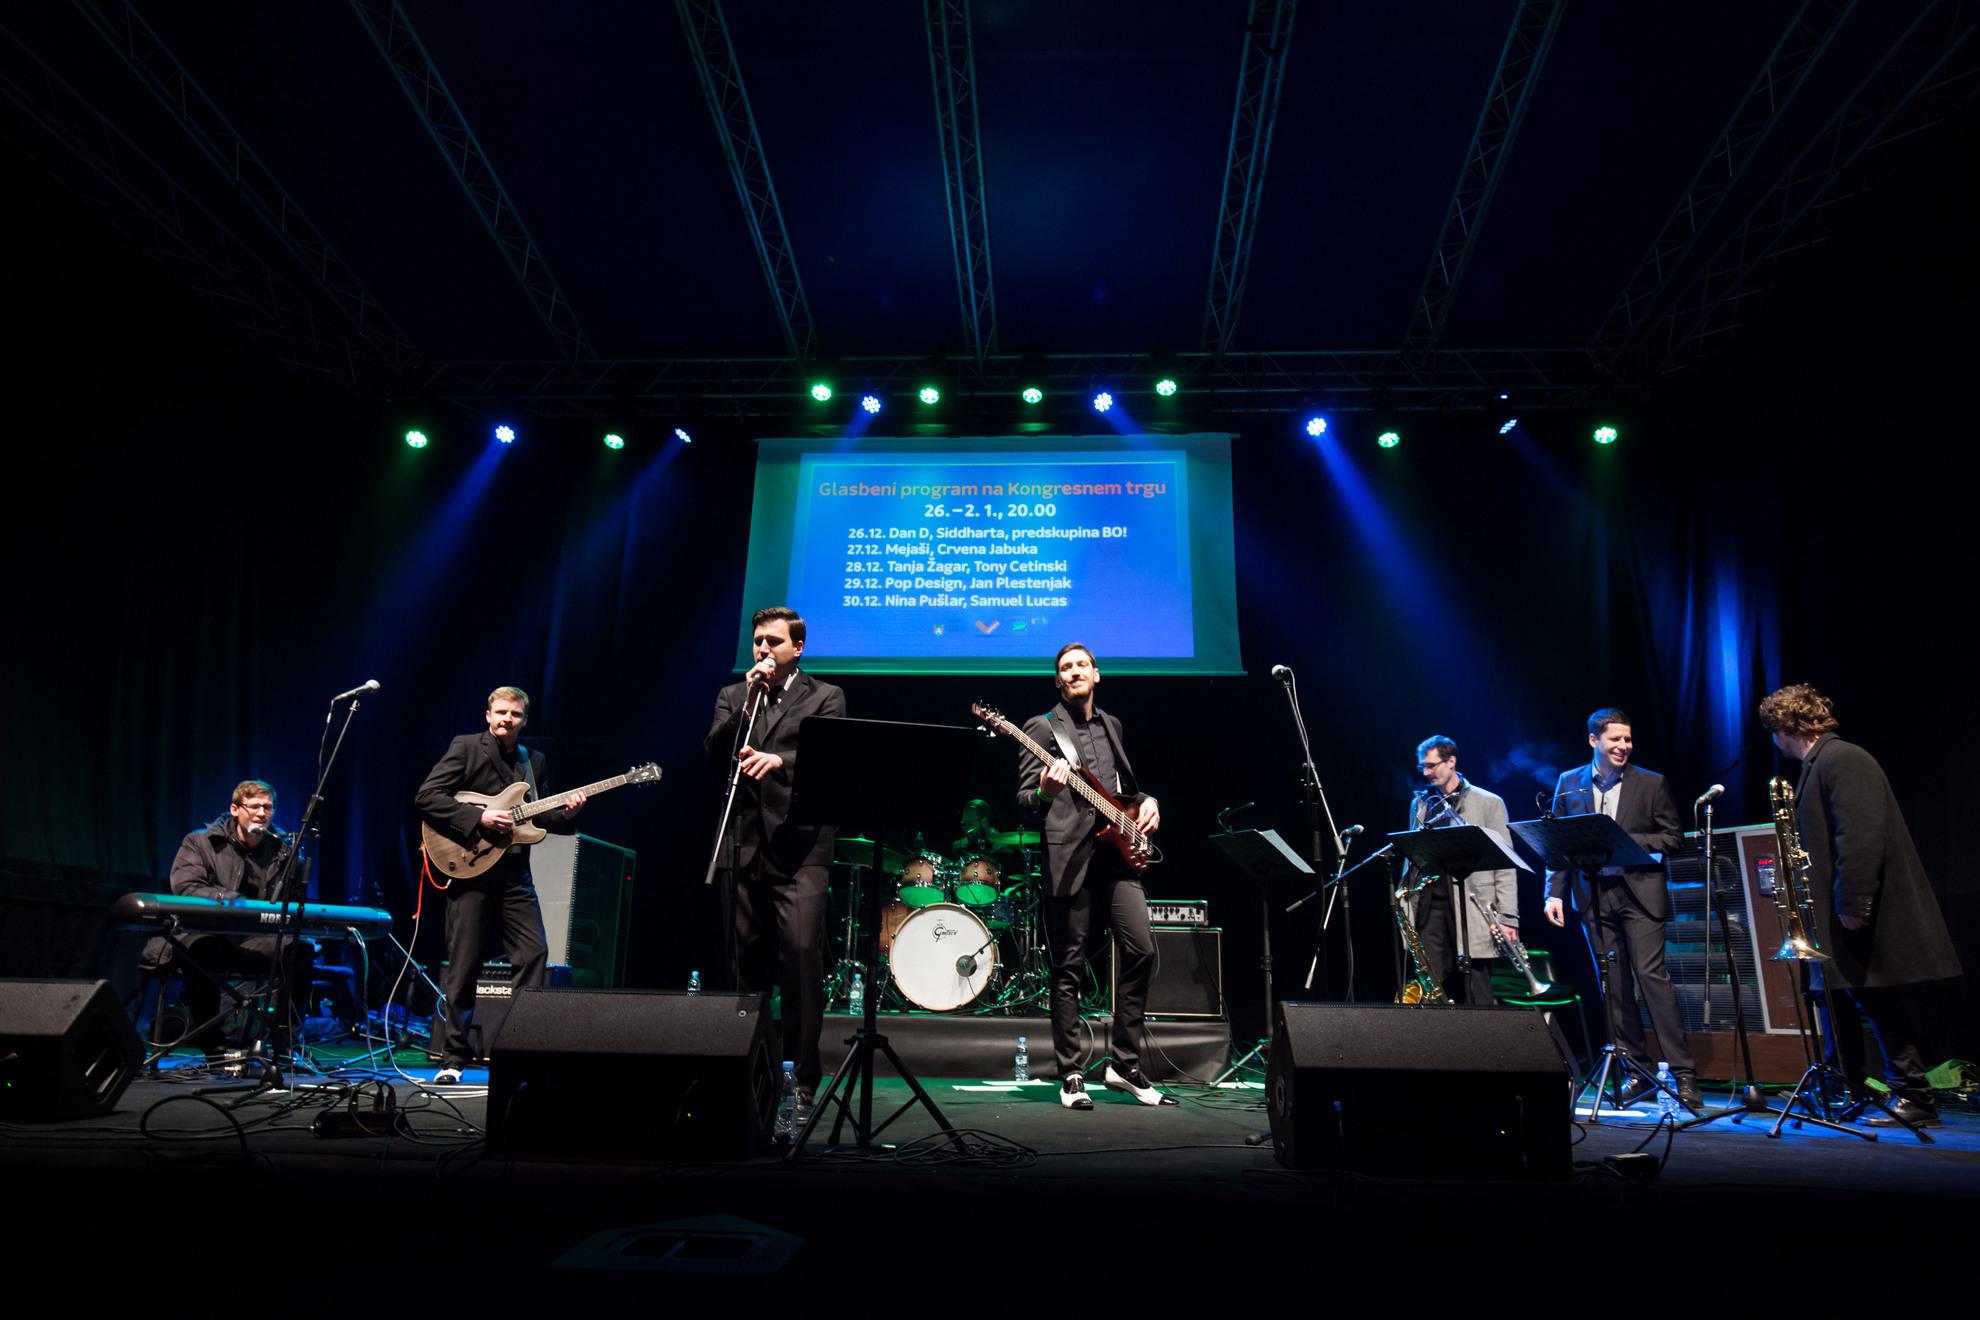 18.12.2016 Breg, Ljubljana. Koncert skupine Flafjacks